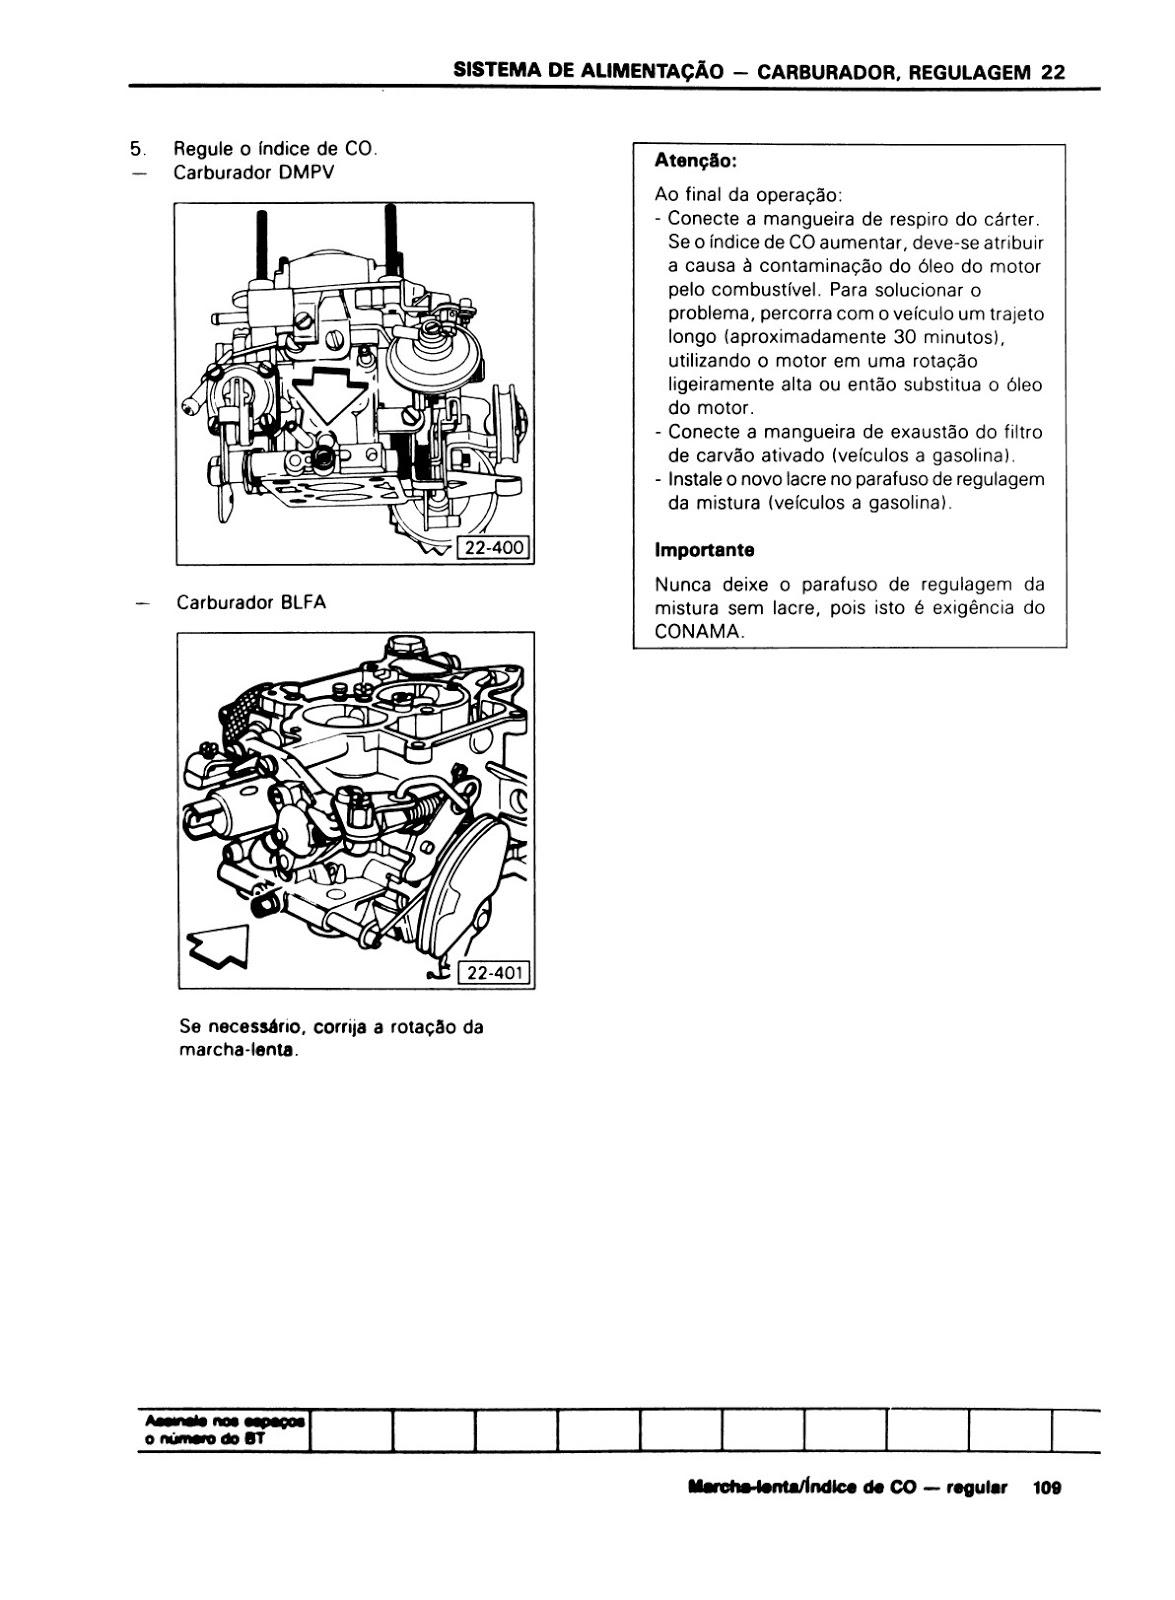 MANUAIS DO PROPRIETÁRIO GRÁTIS: MANUAL DE REPARAÇÃO DO VW